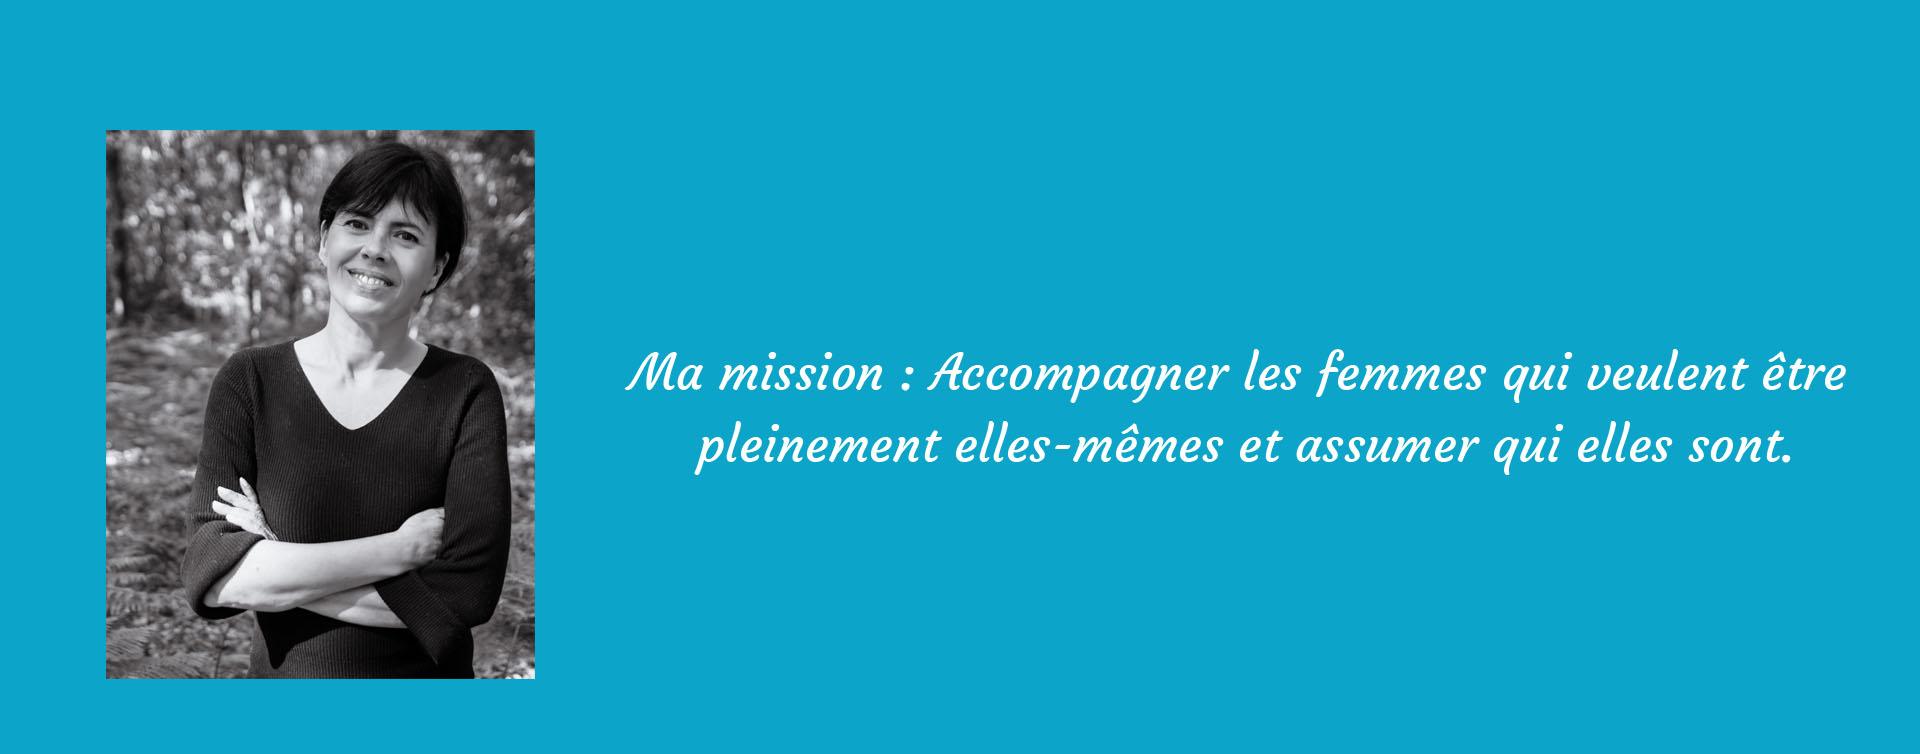 à propos de Magali Monnier